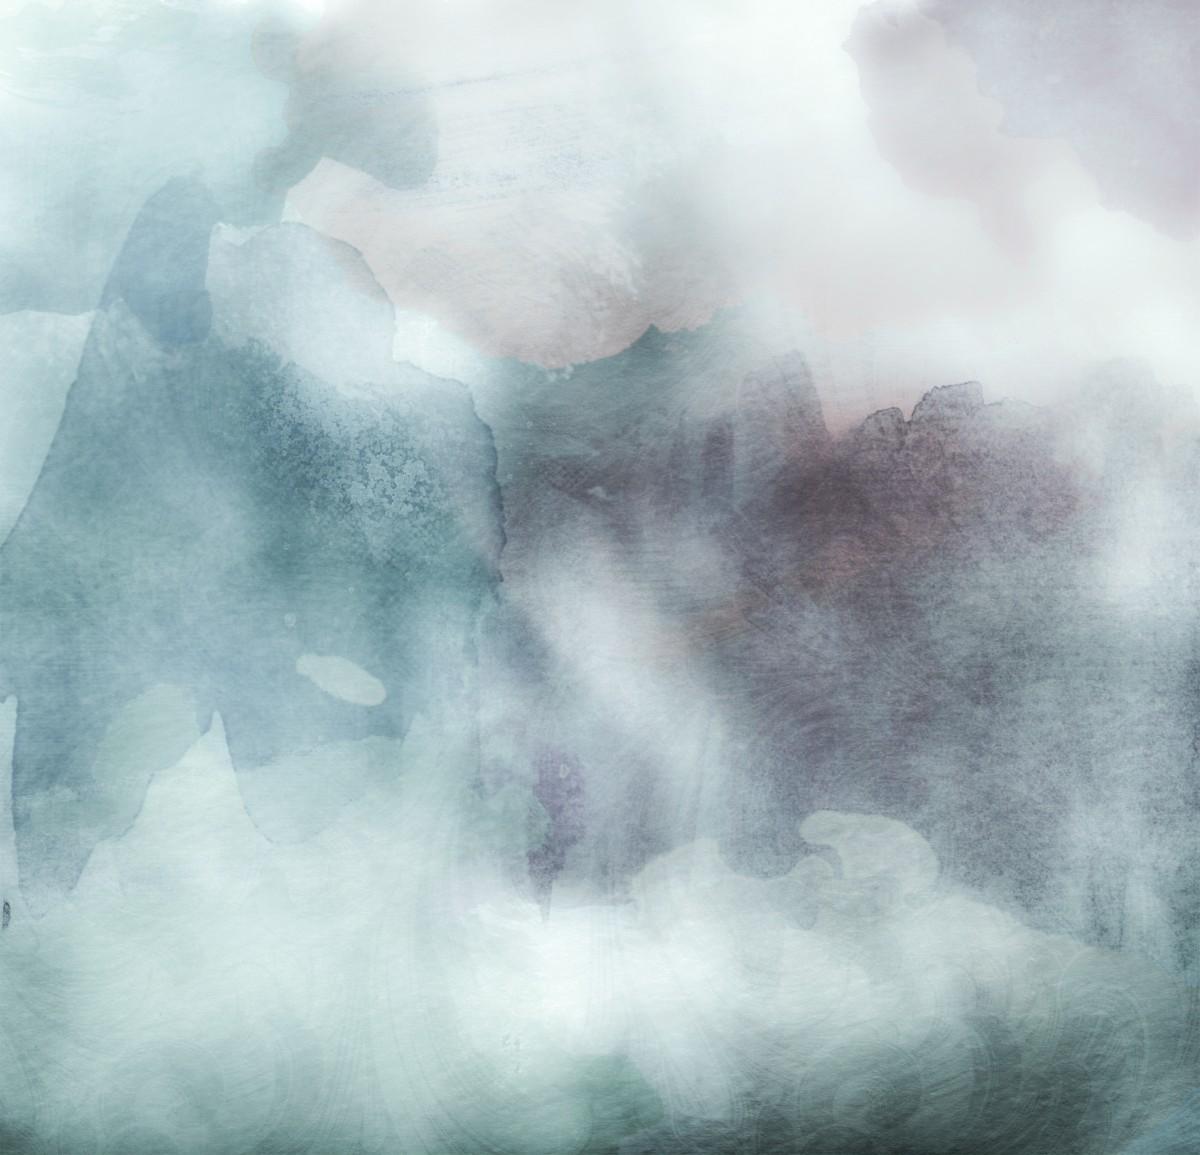 รูปภาพ เมฆ ท้องฟ้า หมอก แสงแดด เนื้อผ้า ควัน มืด